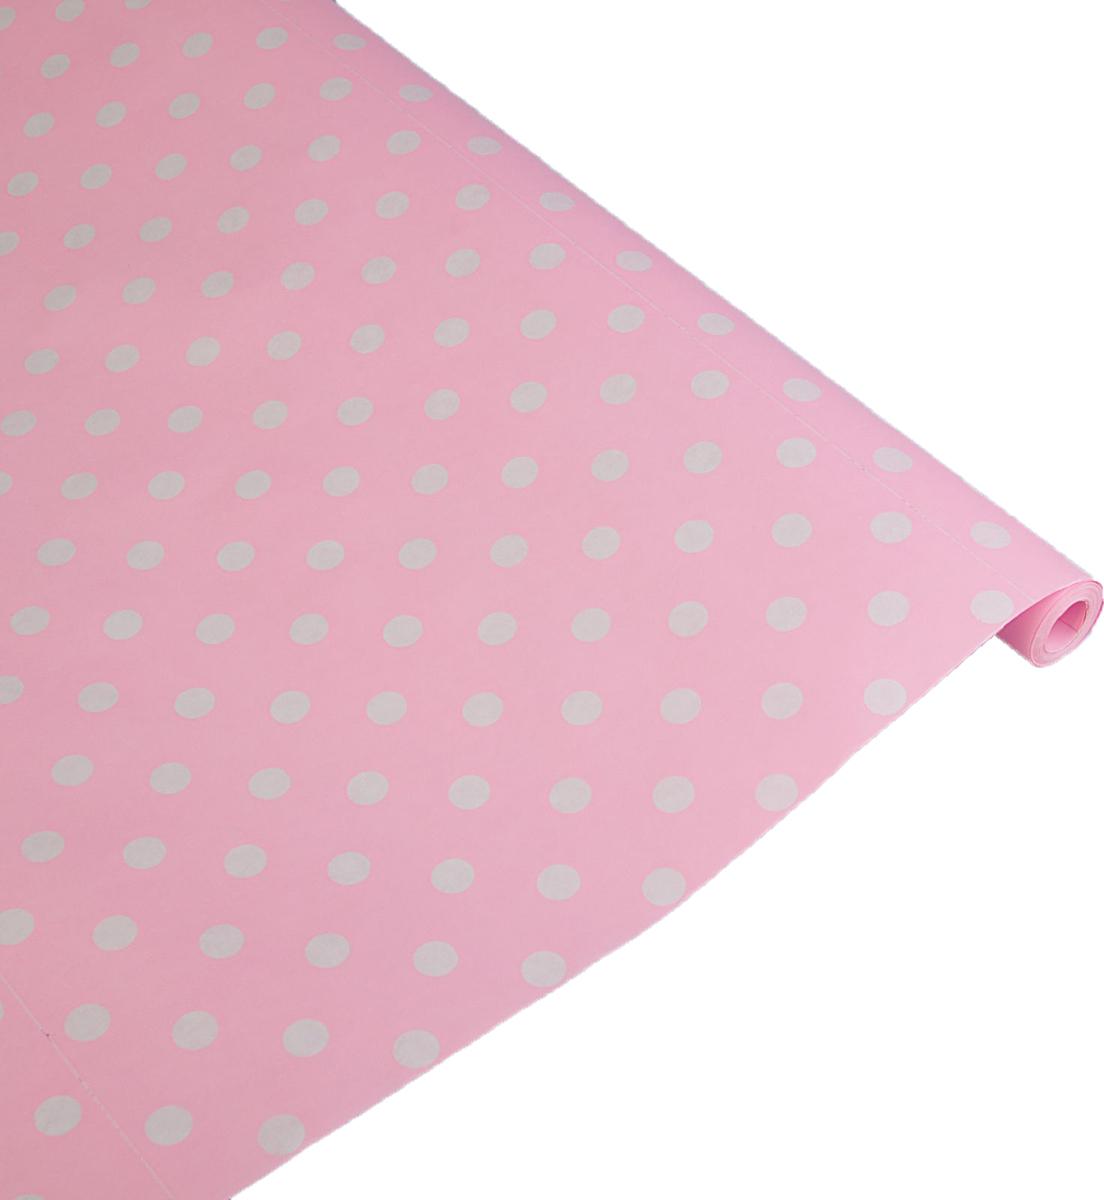 Бумага упаковочная Круги, 2732474, розовый, 70 см х 10 м